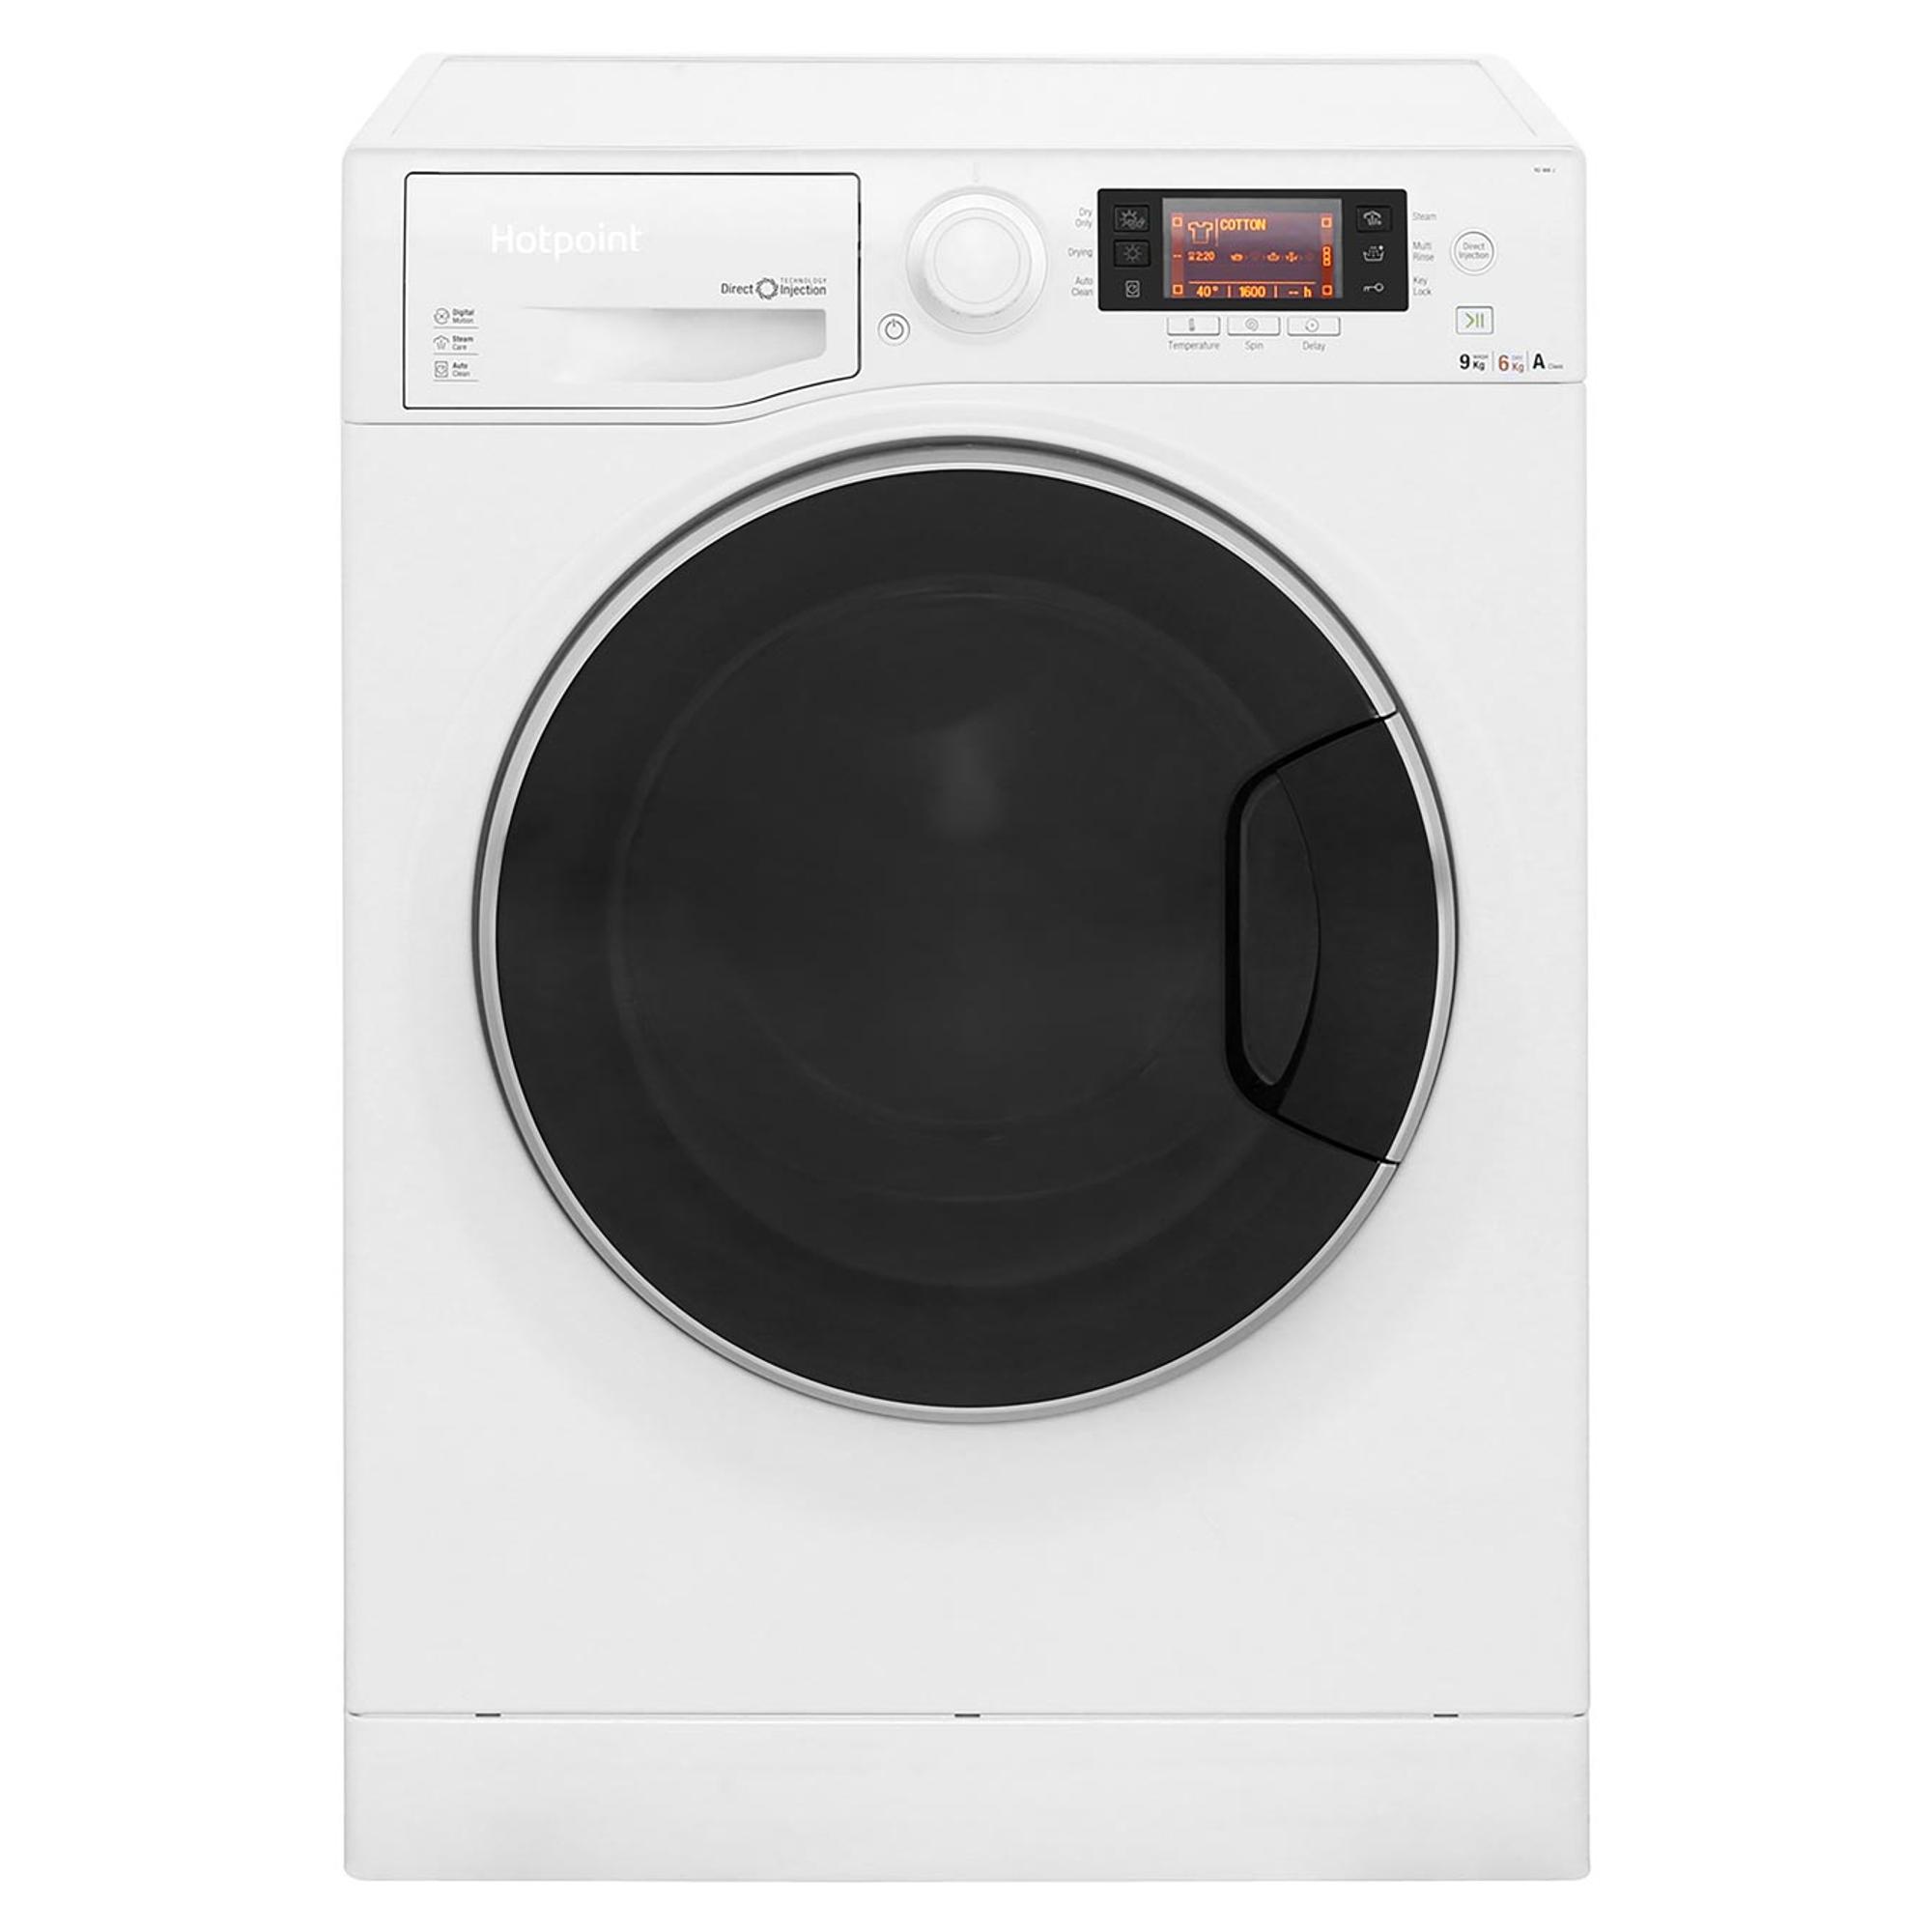 Hotpoint Rd966jduk Ultima S Line 9kg 6kg Washer Dryer Hughes